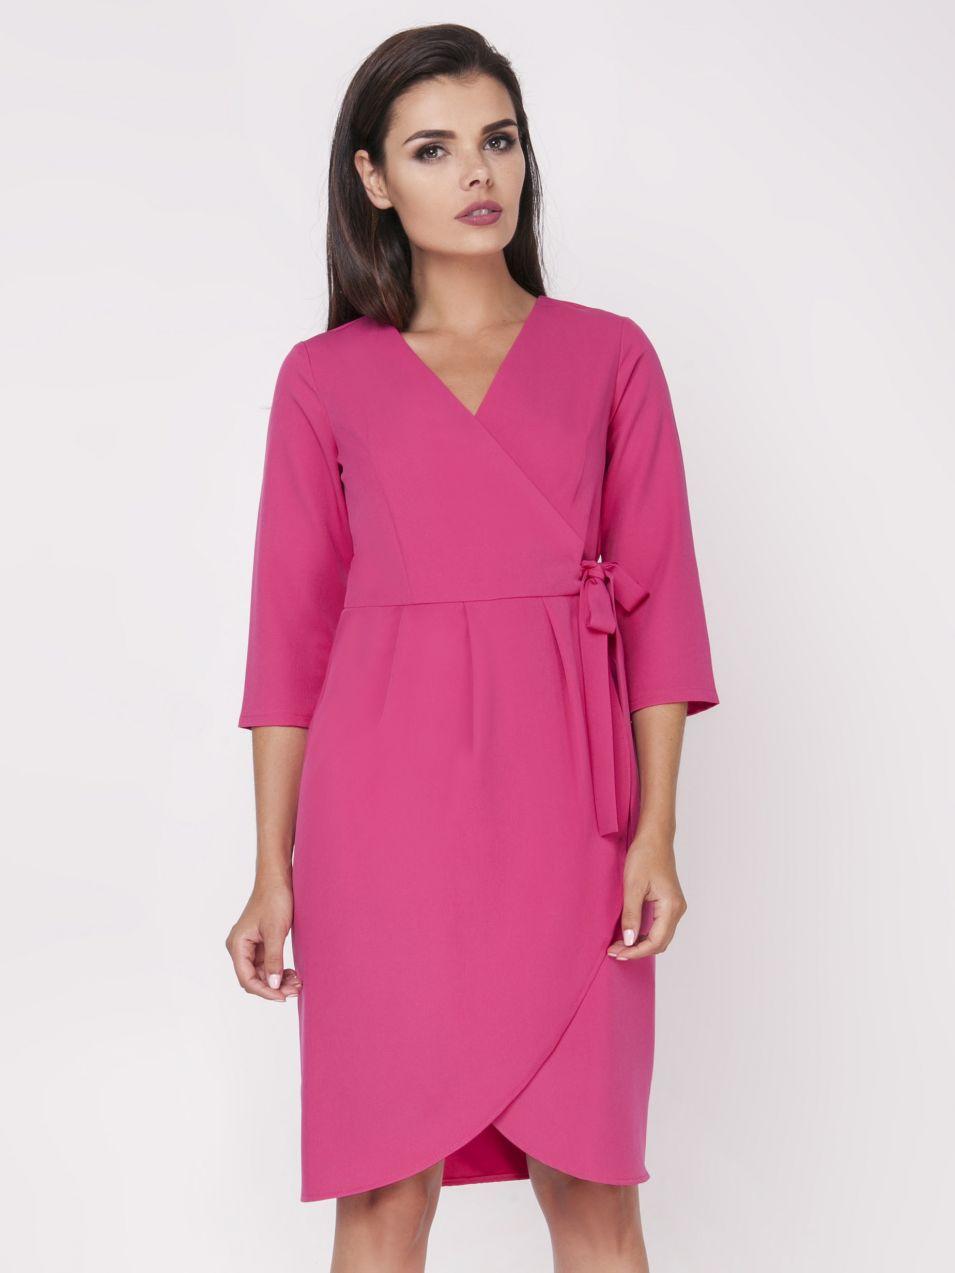 Foggy Dámske šaty FG109 PINK značky Foggy - Lovely.sk 185c3e49857